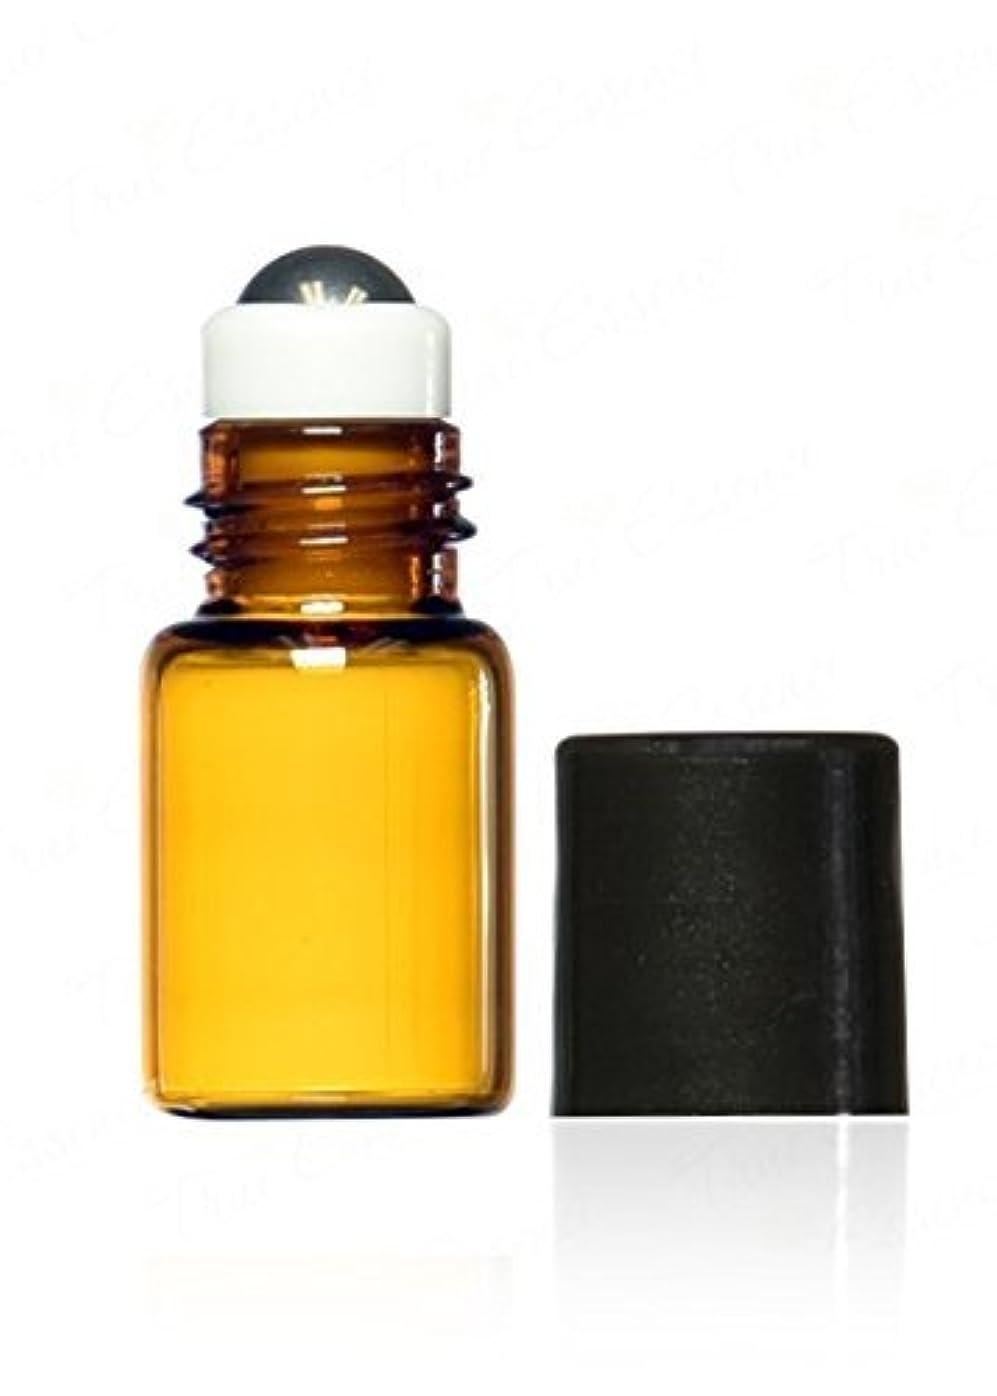 実用的トランジスタノートTrue Essence 3 ml, 3/4 Dram Amber Glass Mini Roll-on Glass Bottles with Metal Roller Balls - Refillable Aromatherapy...